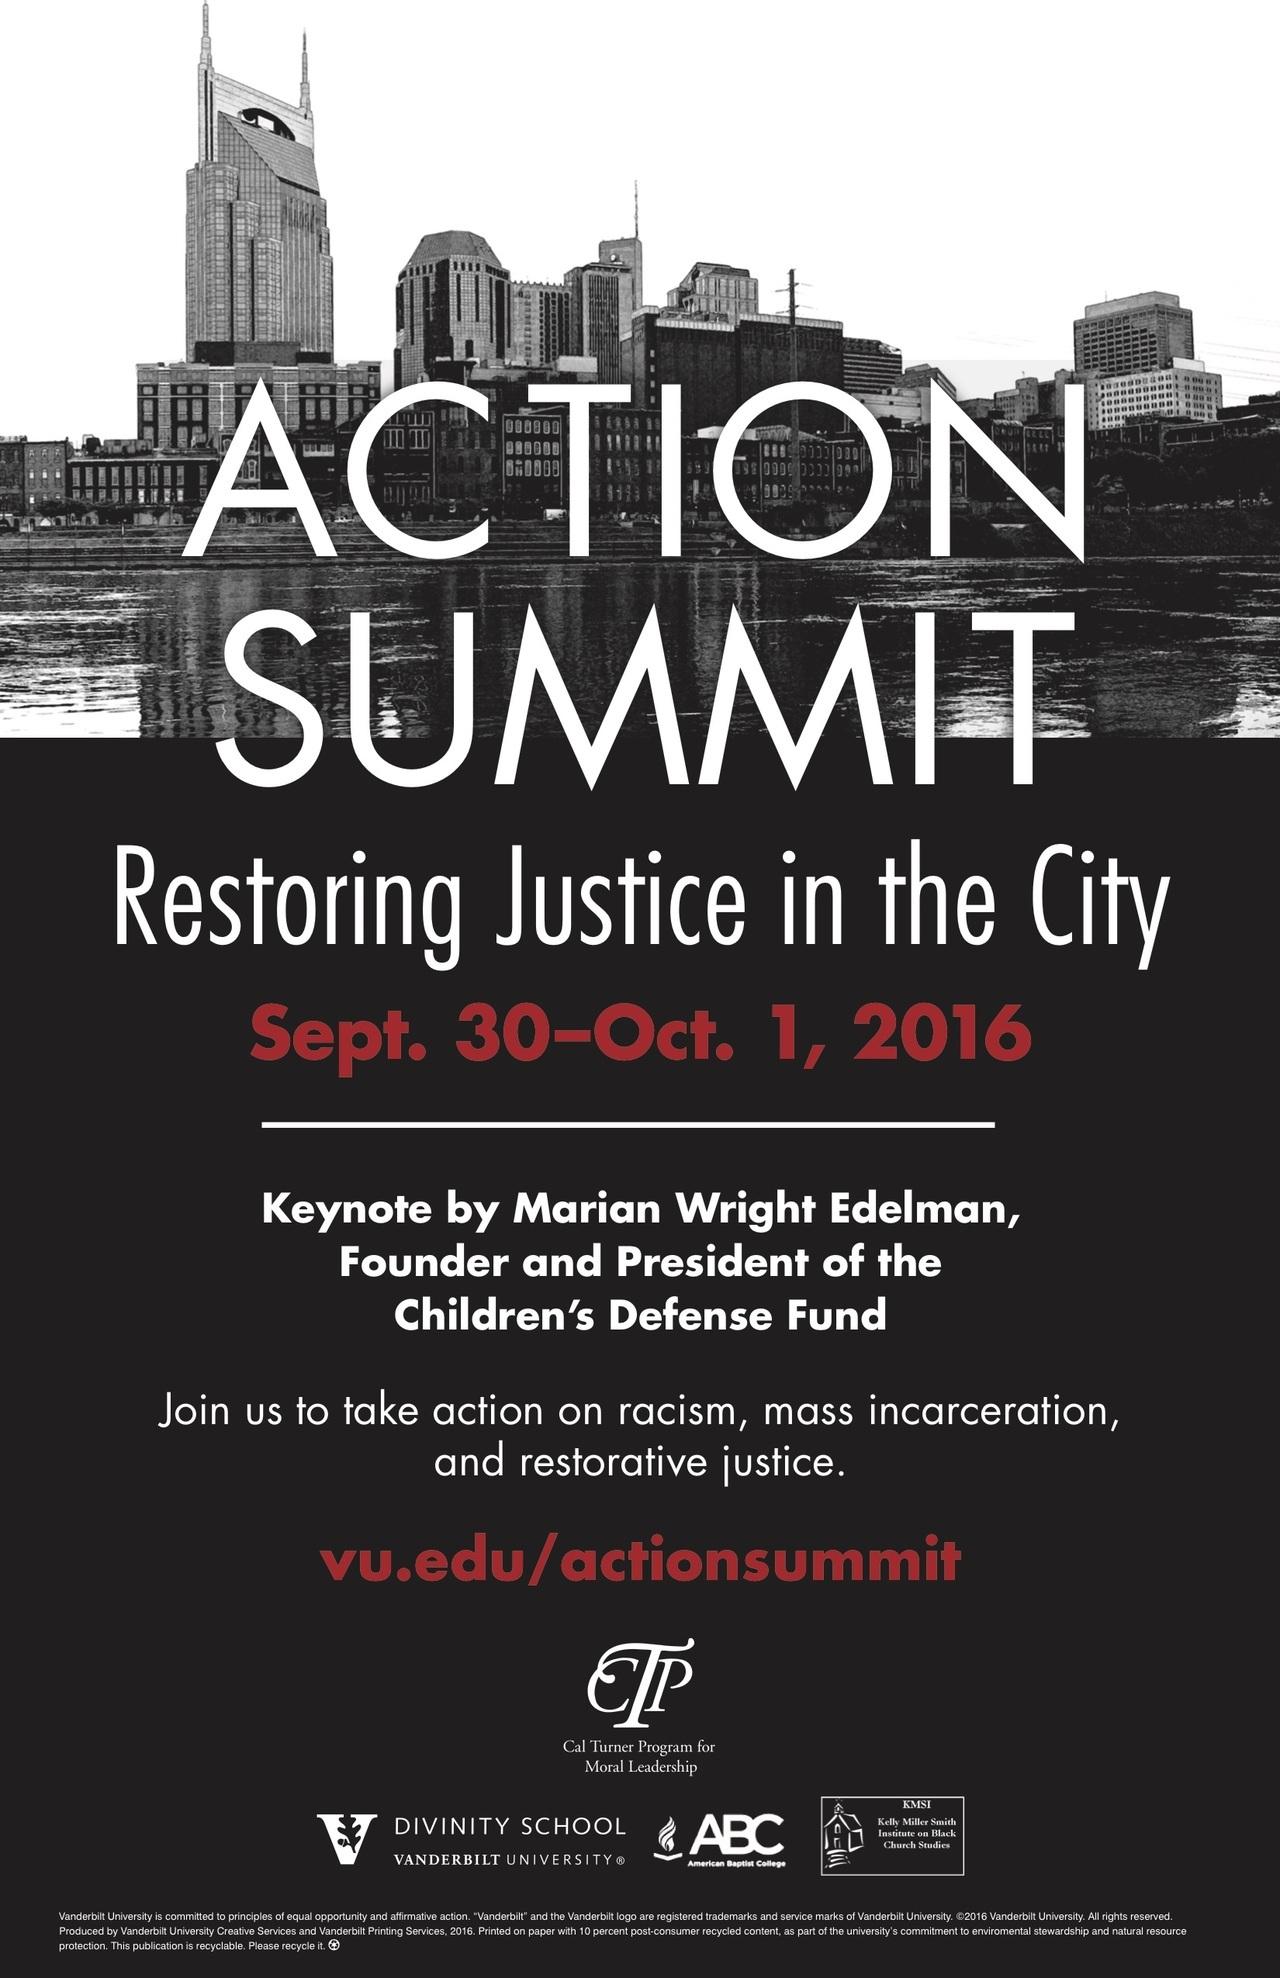 Action Summit (1)